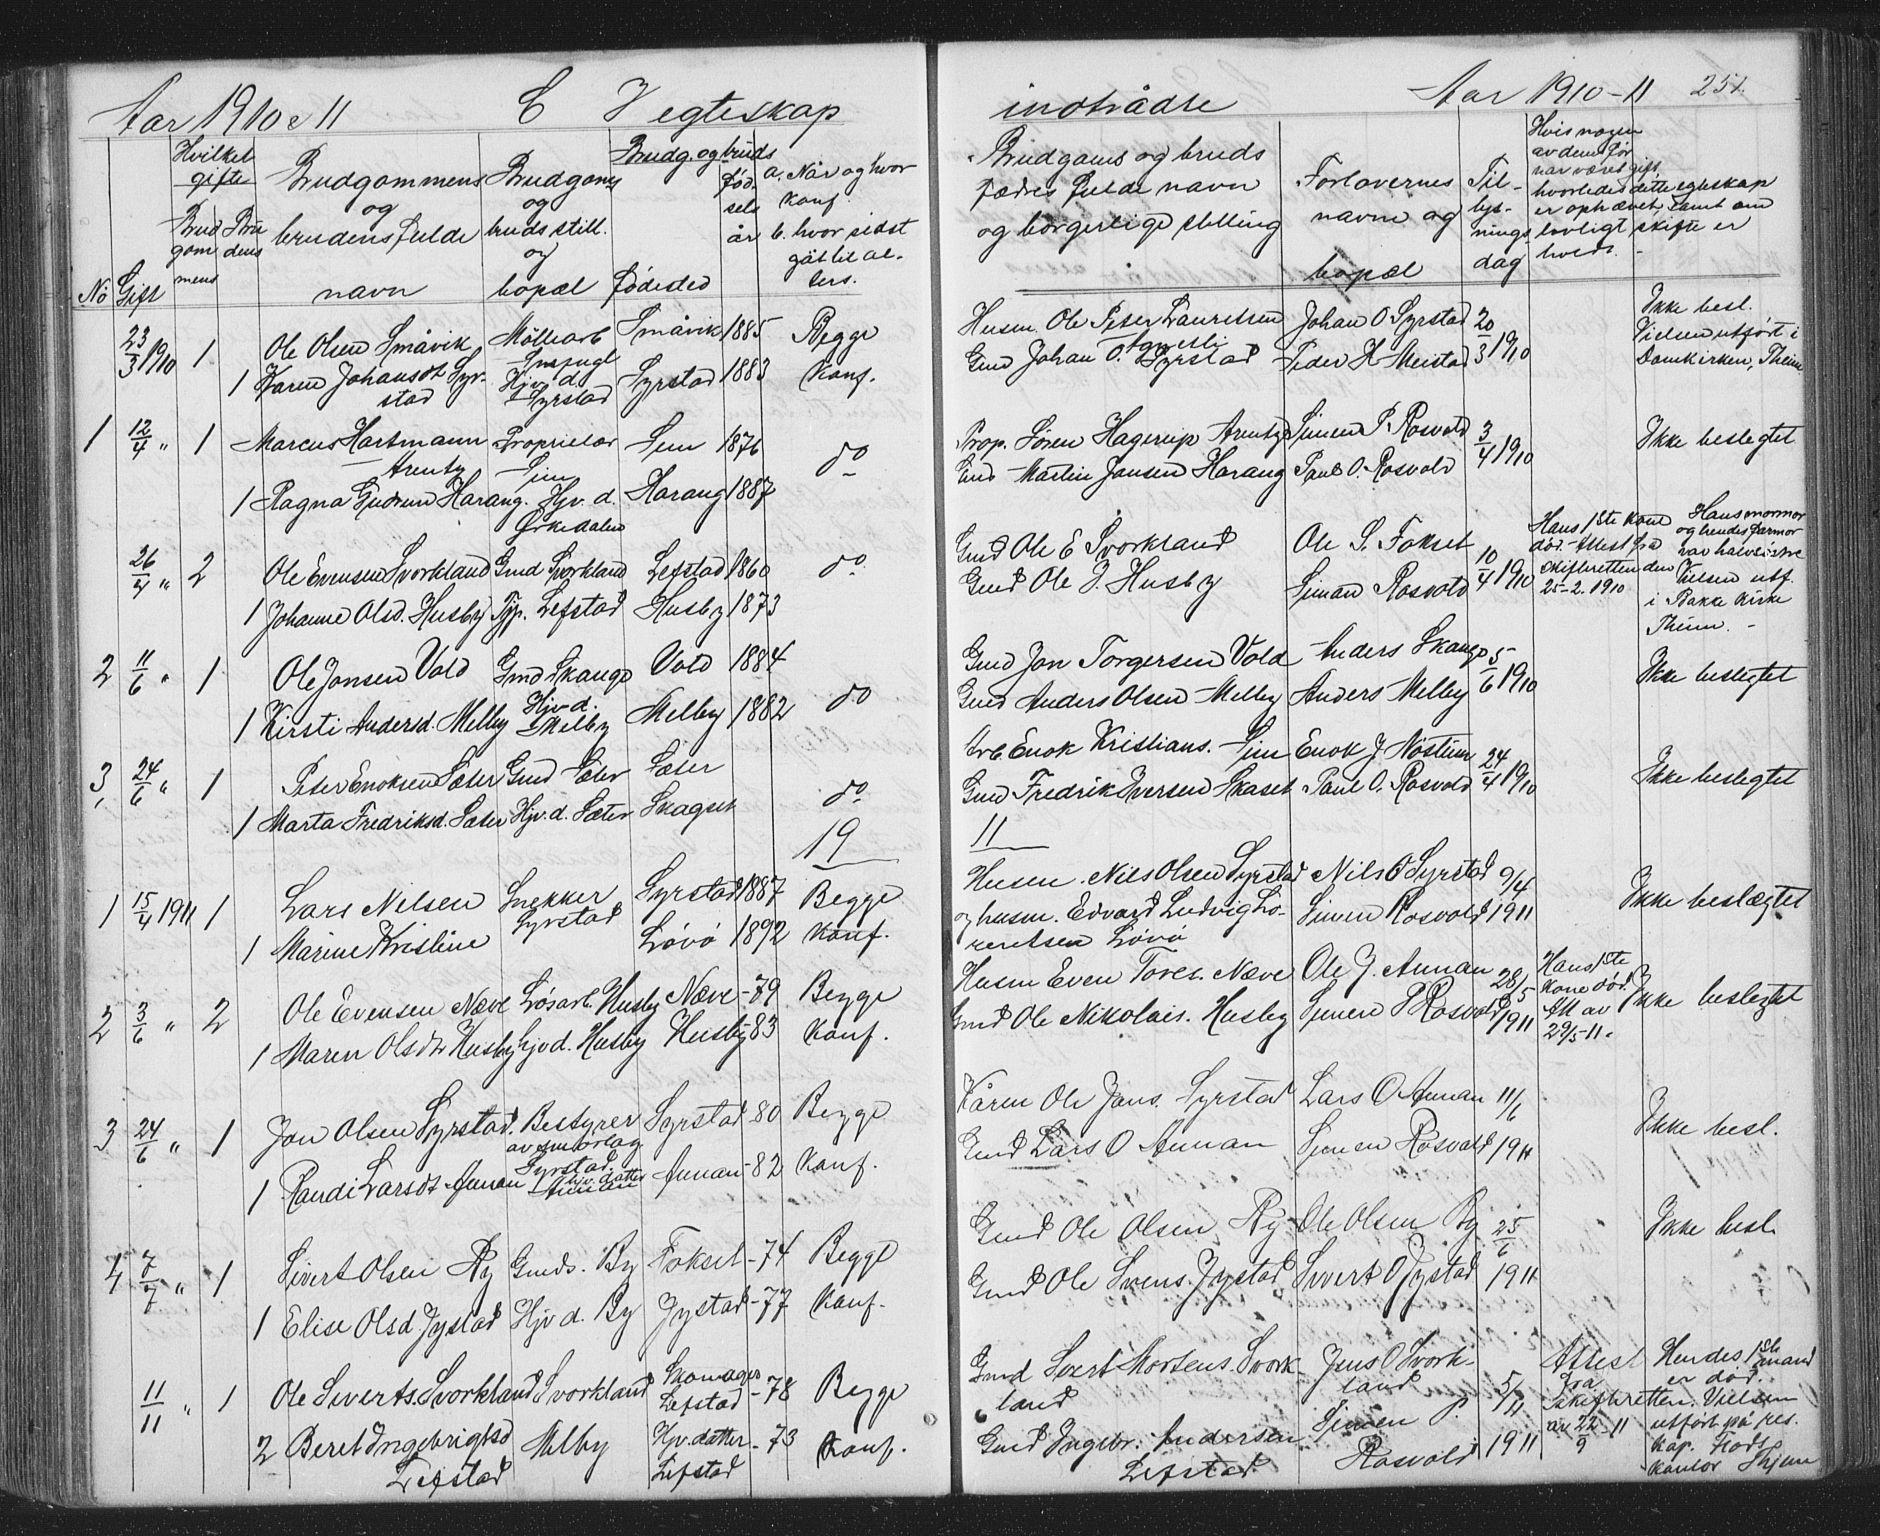 SAT, Ministerialprotokoller, klokkerbøker og fødselsregistre - Sør-Trøndelag, 667/L0798: Klokkerbok nr. 667C03, 1867-1929, s. 251